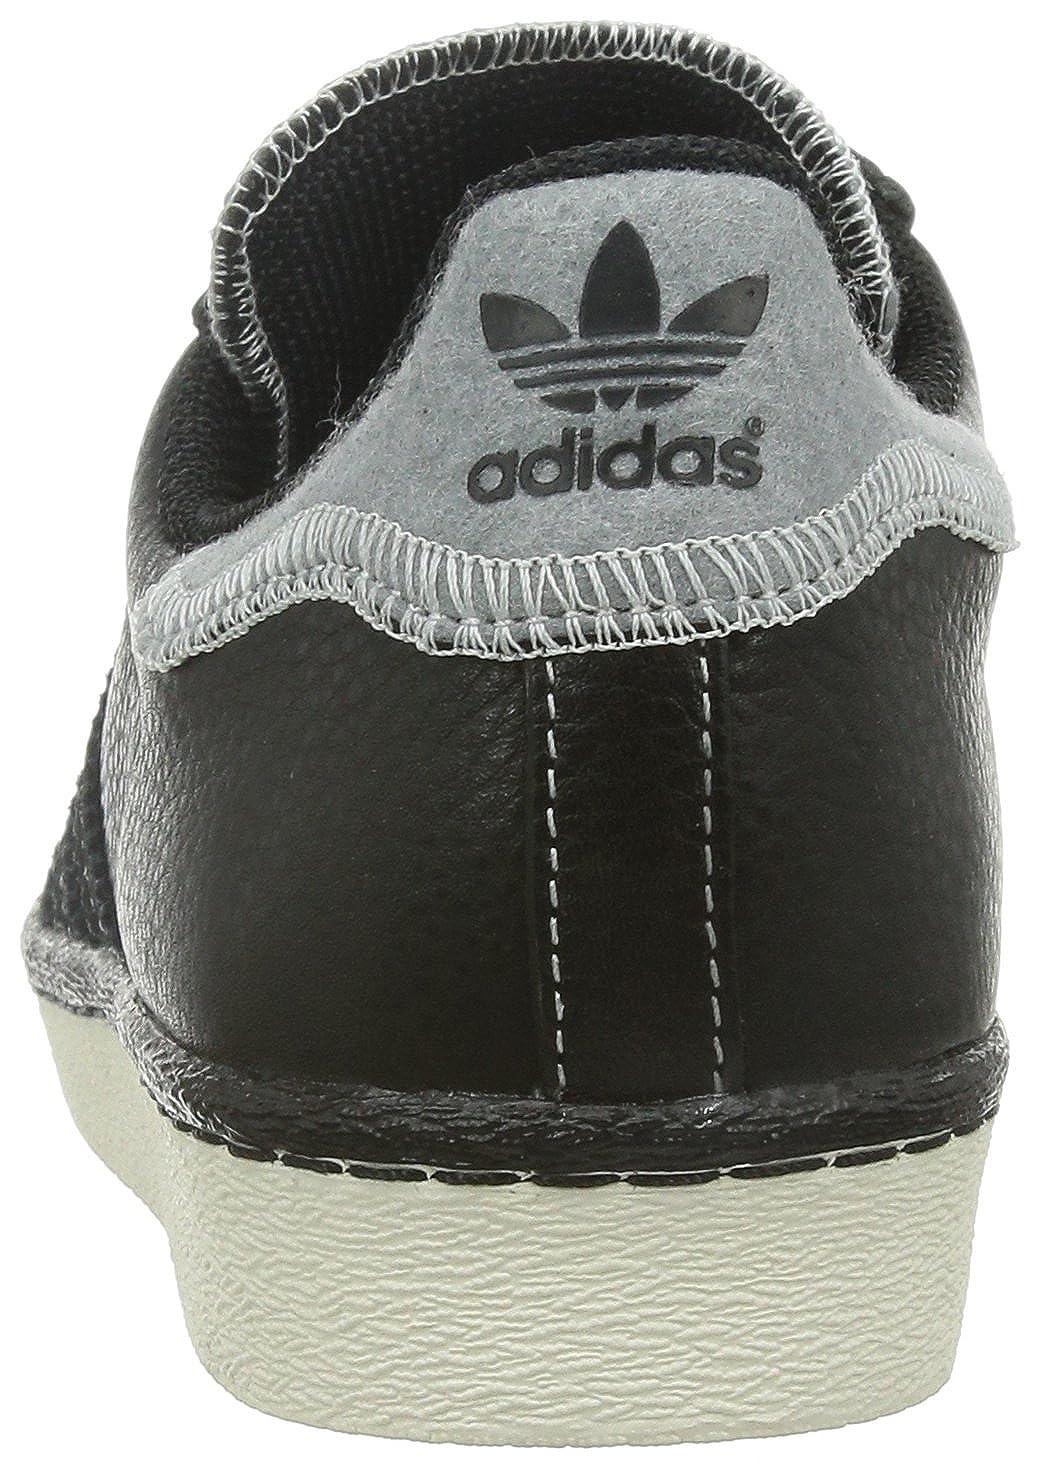 hommes / femmes adidas femmes & eacute; emballage métallique superstar du 80 haut baskets du superstar magasinage en ligne le plus faible qui s'étend rv88140 matériel de qualité excellente 0e0079